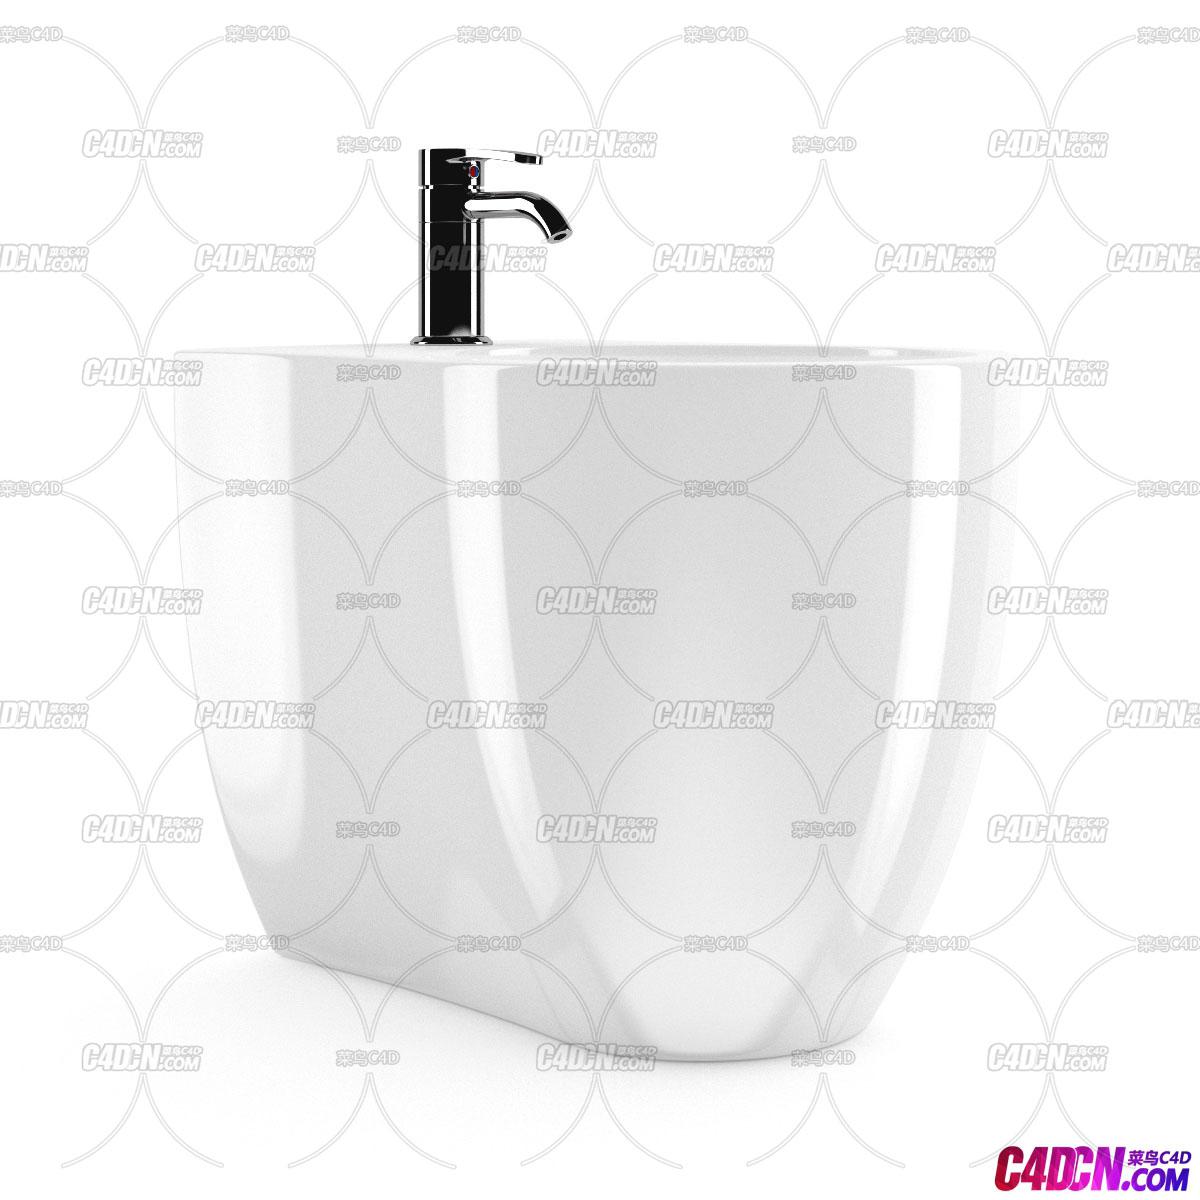 C4D模型 陶瓷材质洗手池蓄水池模型